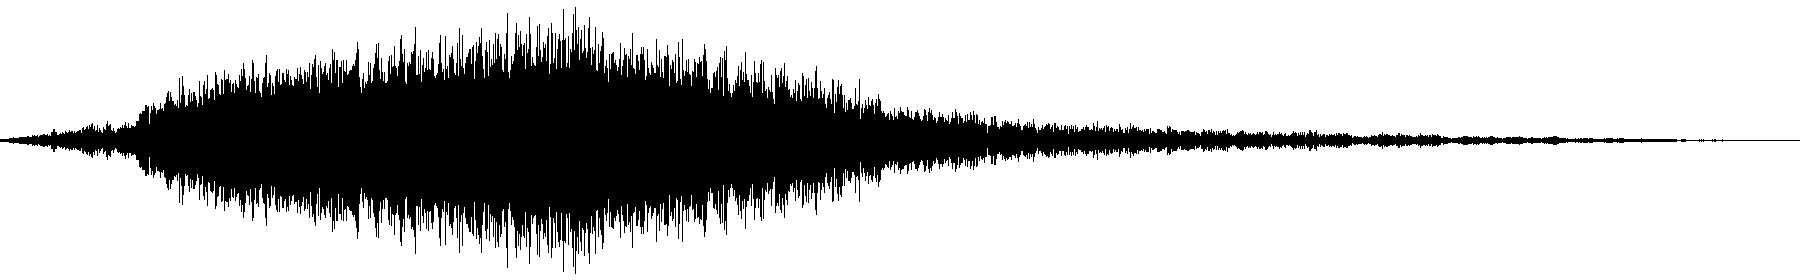 vfx1 atmos 52